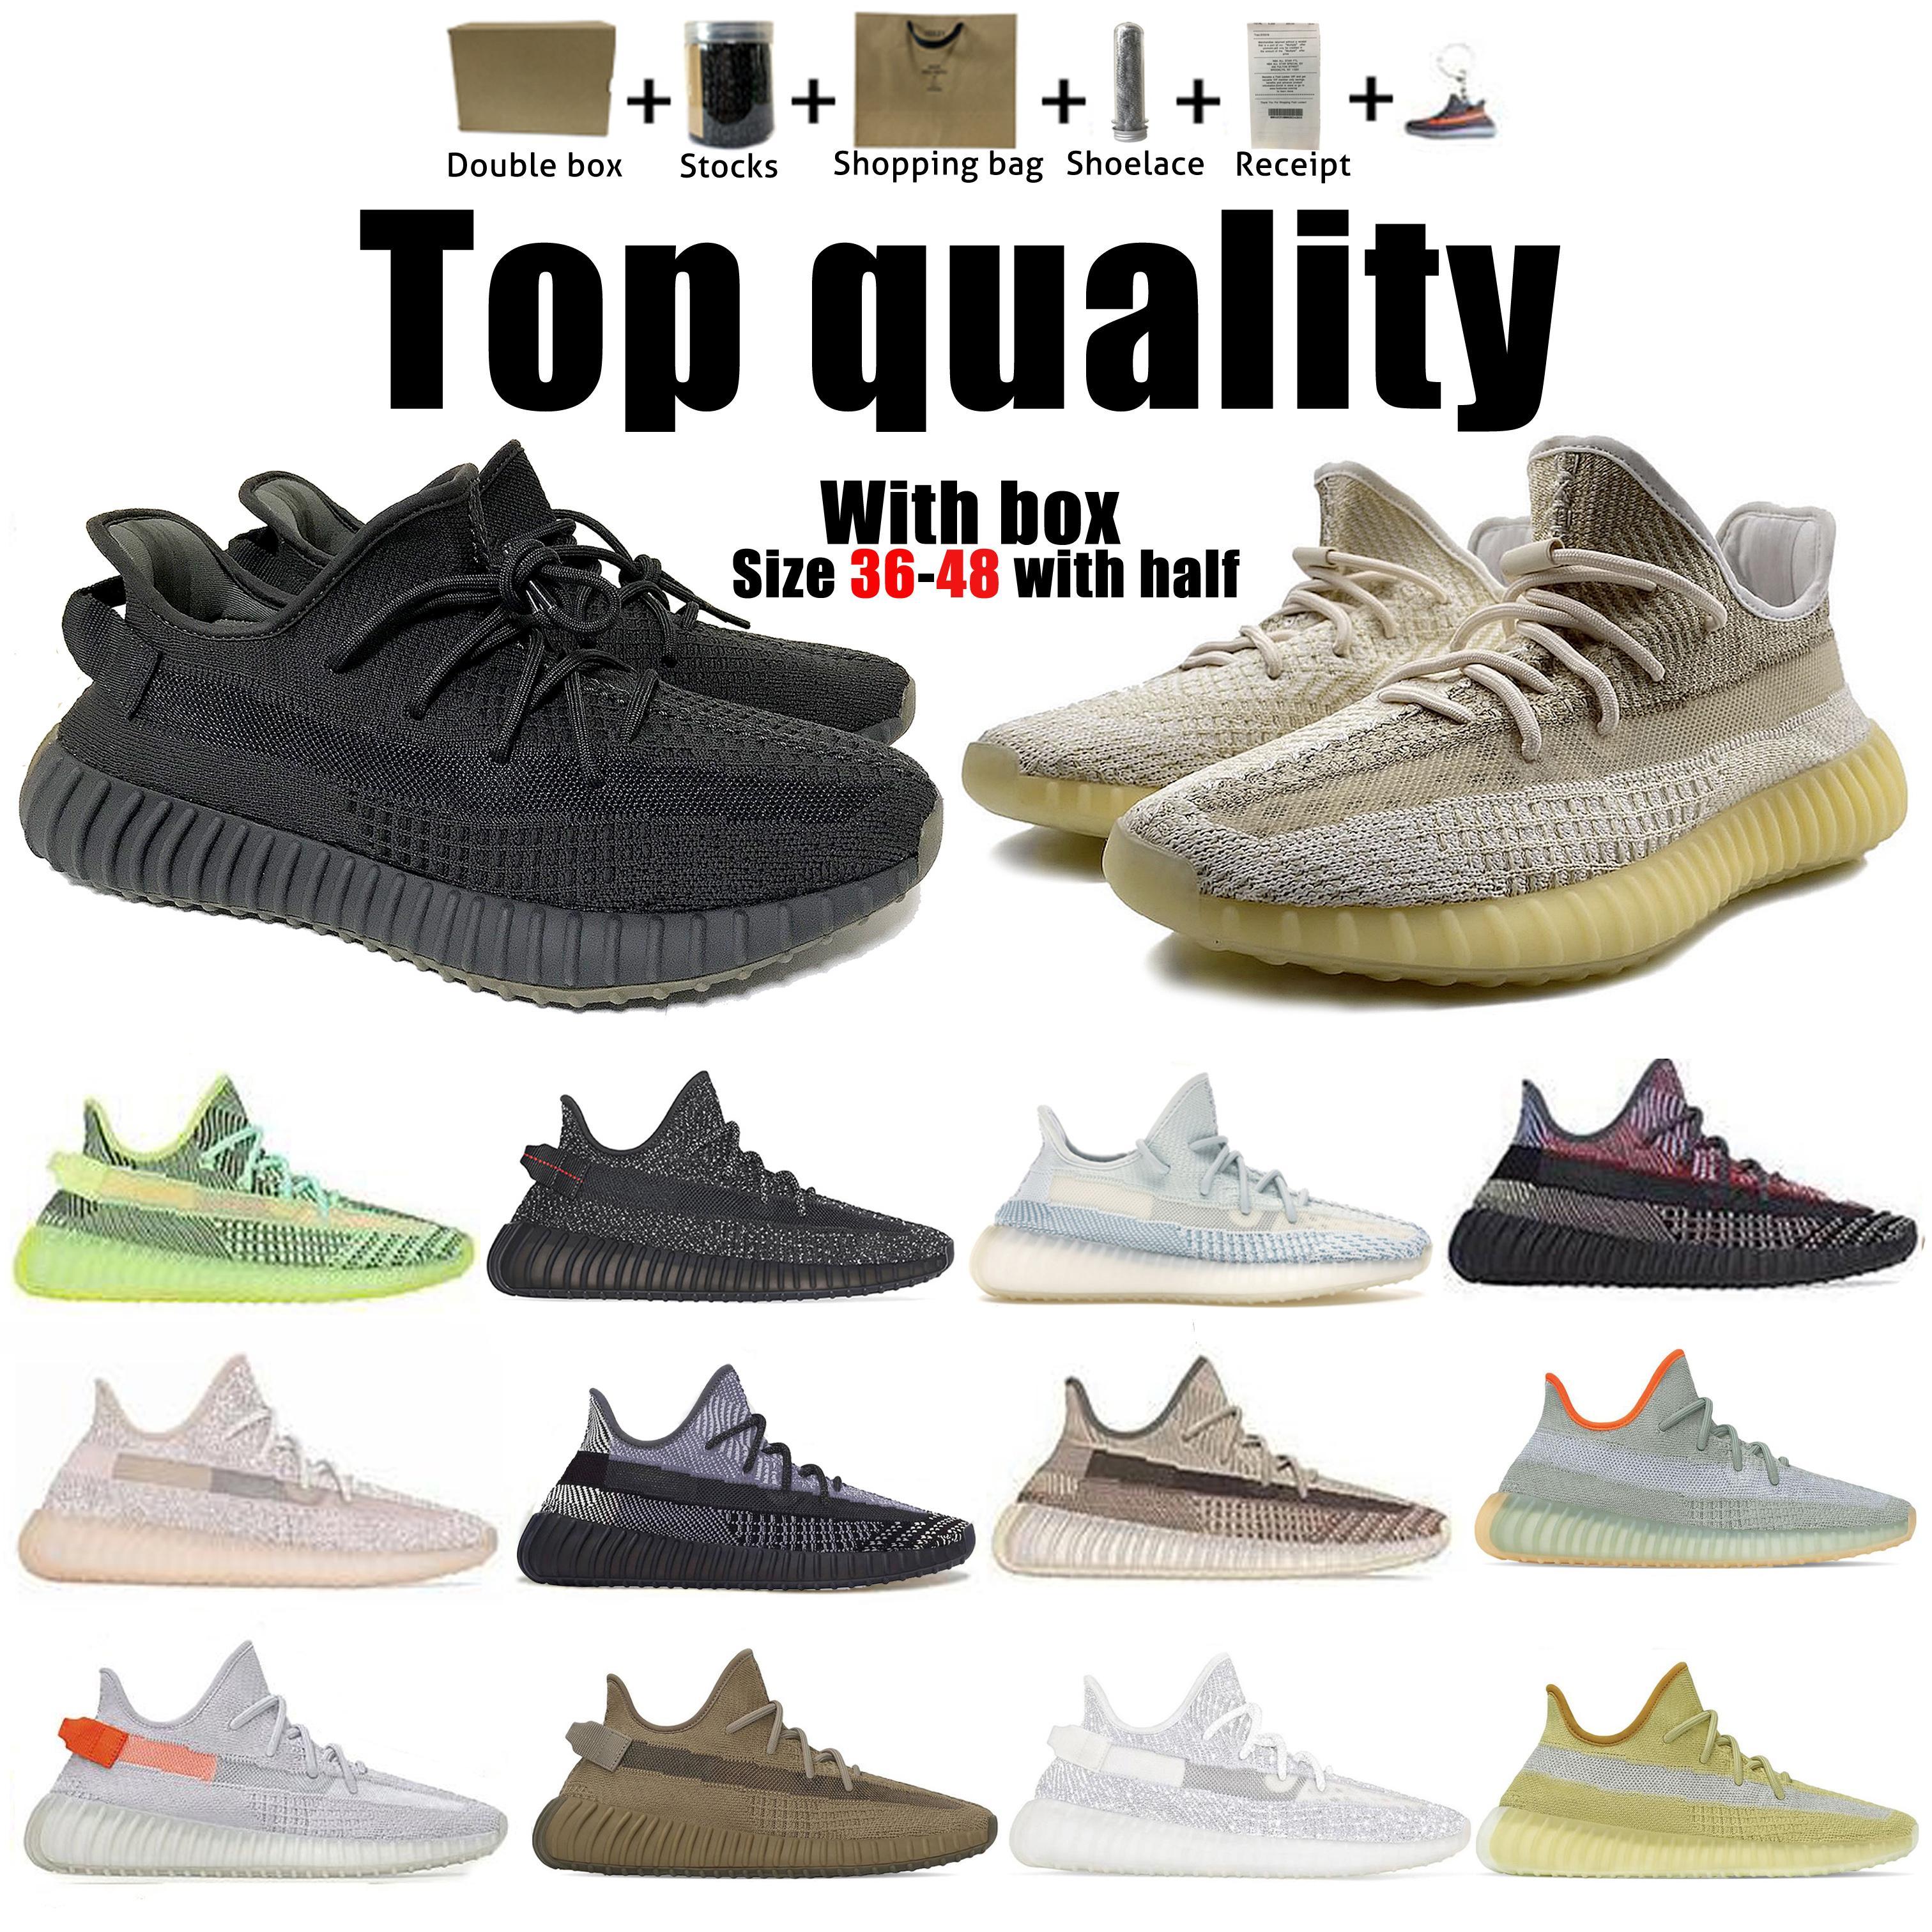 Высочайшее качество Kanye West Men Женская обувь Шингл Yecheil Черный светоотражающий Yeezreel Earth Linen Asriel Zebra Trainers кроссовки от 36 до 48